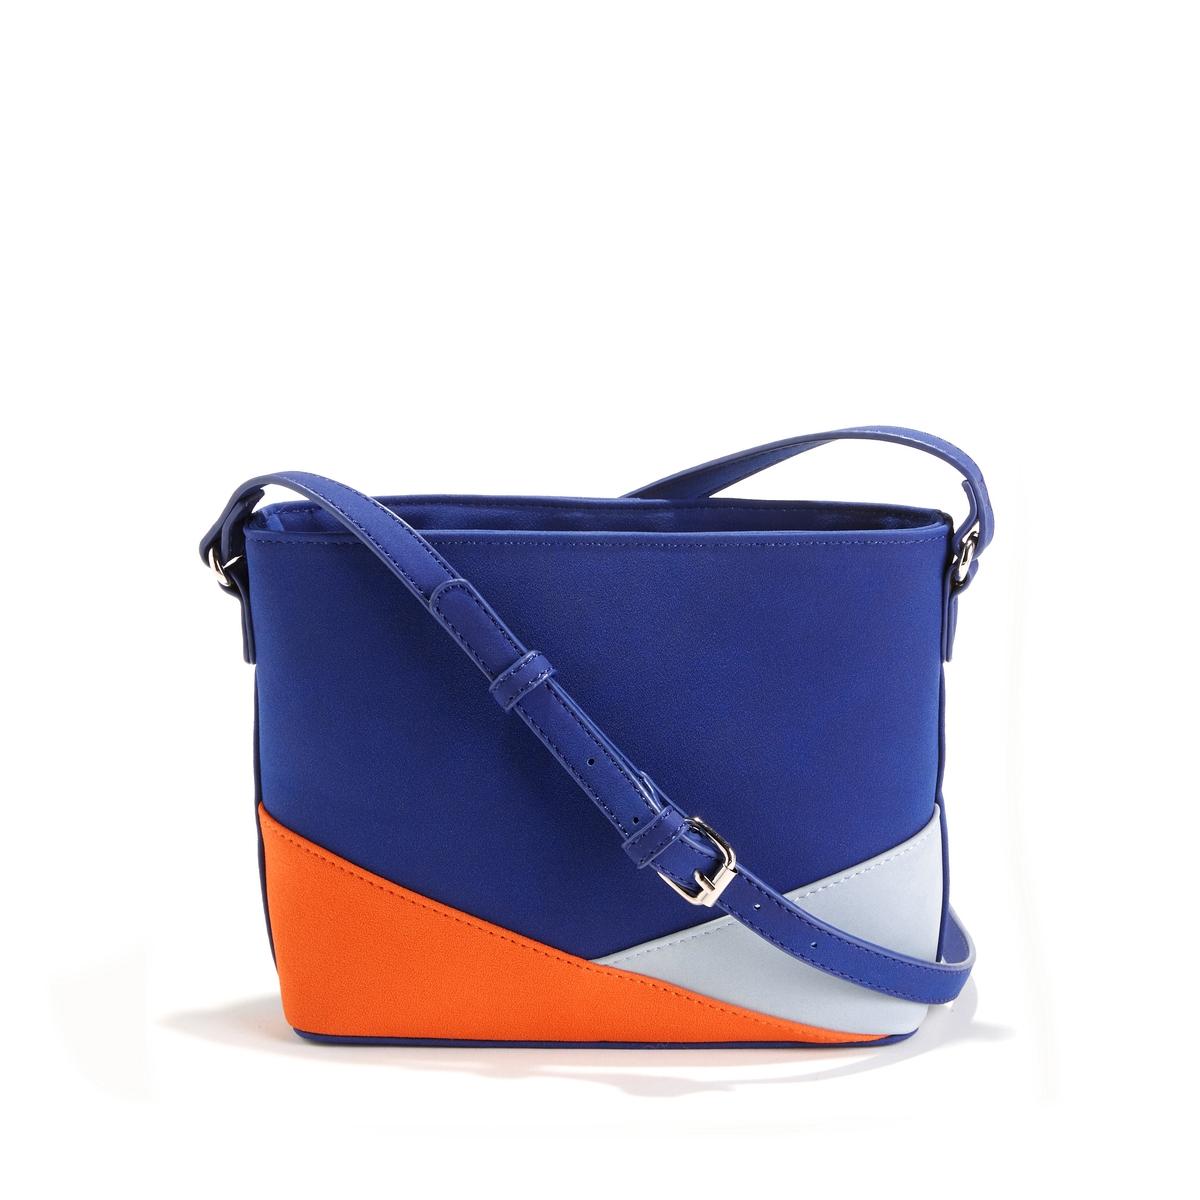 Сумка трехцветнаяОписание:Компактная и удобная сумка с соблазнительными цветными складками, придающими ей особенную оригинальность : идеально подчеркнет ваш стильный образ  !Состав и описание : •  Внешний материал : 100% полиуретан •  Подкладка : 100% полиэстер •  Размер  : L25 x H17 x P8 см  •  Застежка : молния1 карман для телефона и 1 карман на молнии   Регулируемый плечевой ремень<br><br>Цвет: коралловый,синий/ оранжевый<br>Размер: единый размер.единый размер